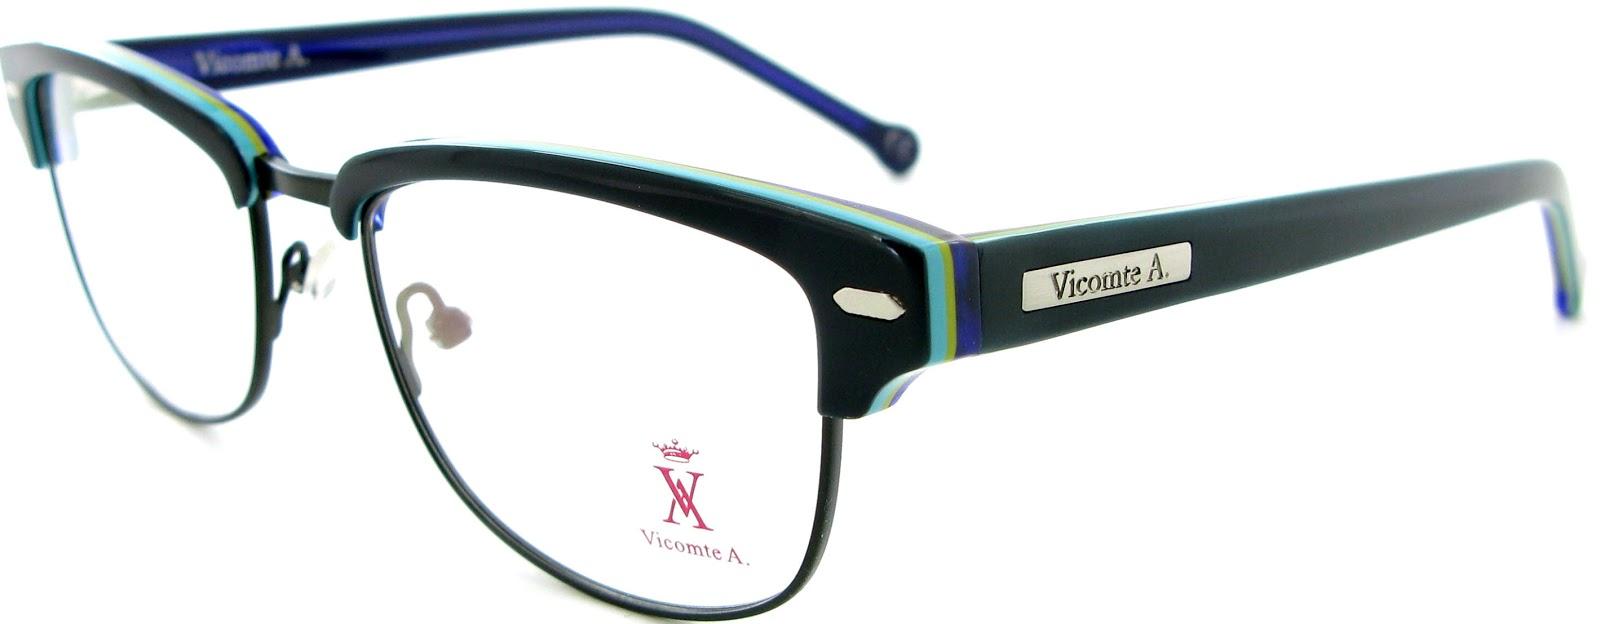 ... Vicomte Arthur , célèbre marque de vêtements , classe et tendance . Les  modèles sont vintages , colorés , avec les lignes très arrondies qui  cassent ... 1300be06e4cc